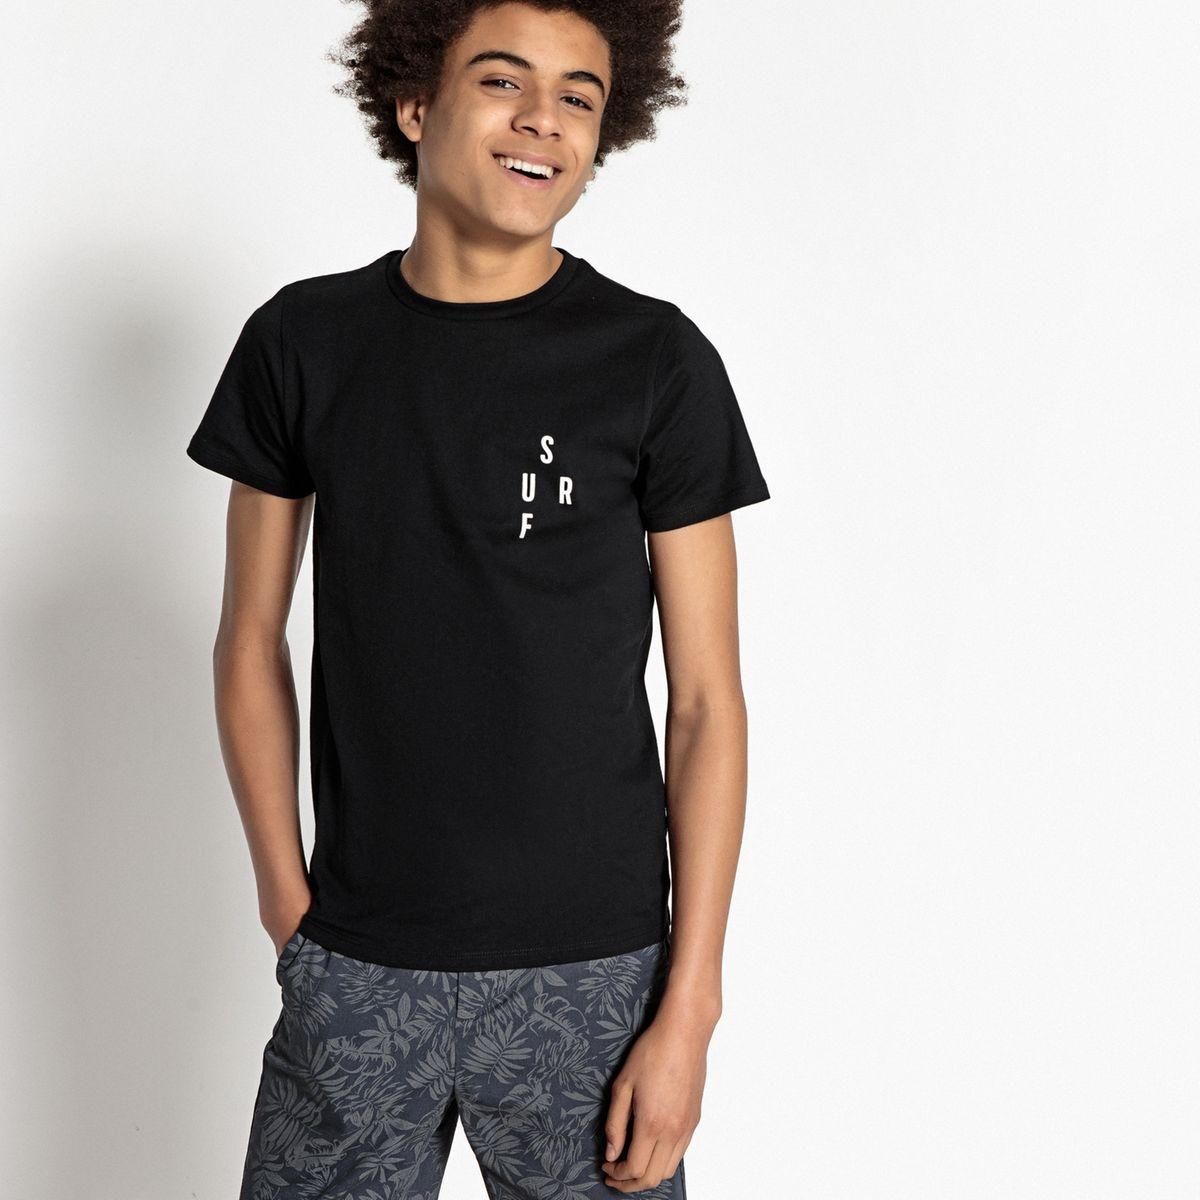 T-shirt col rond avec message SURF 10-16 ans